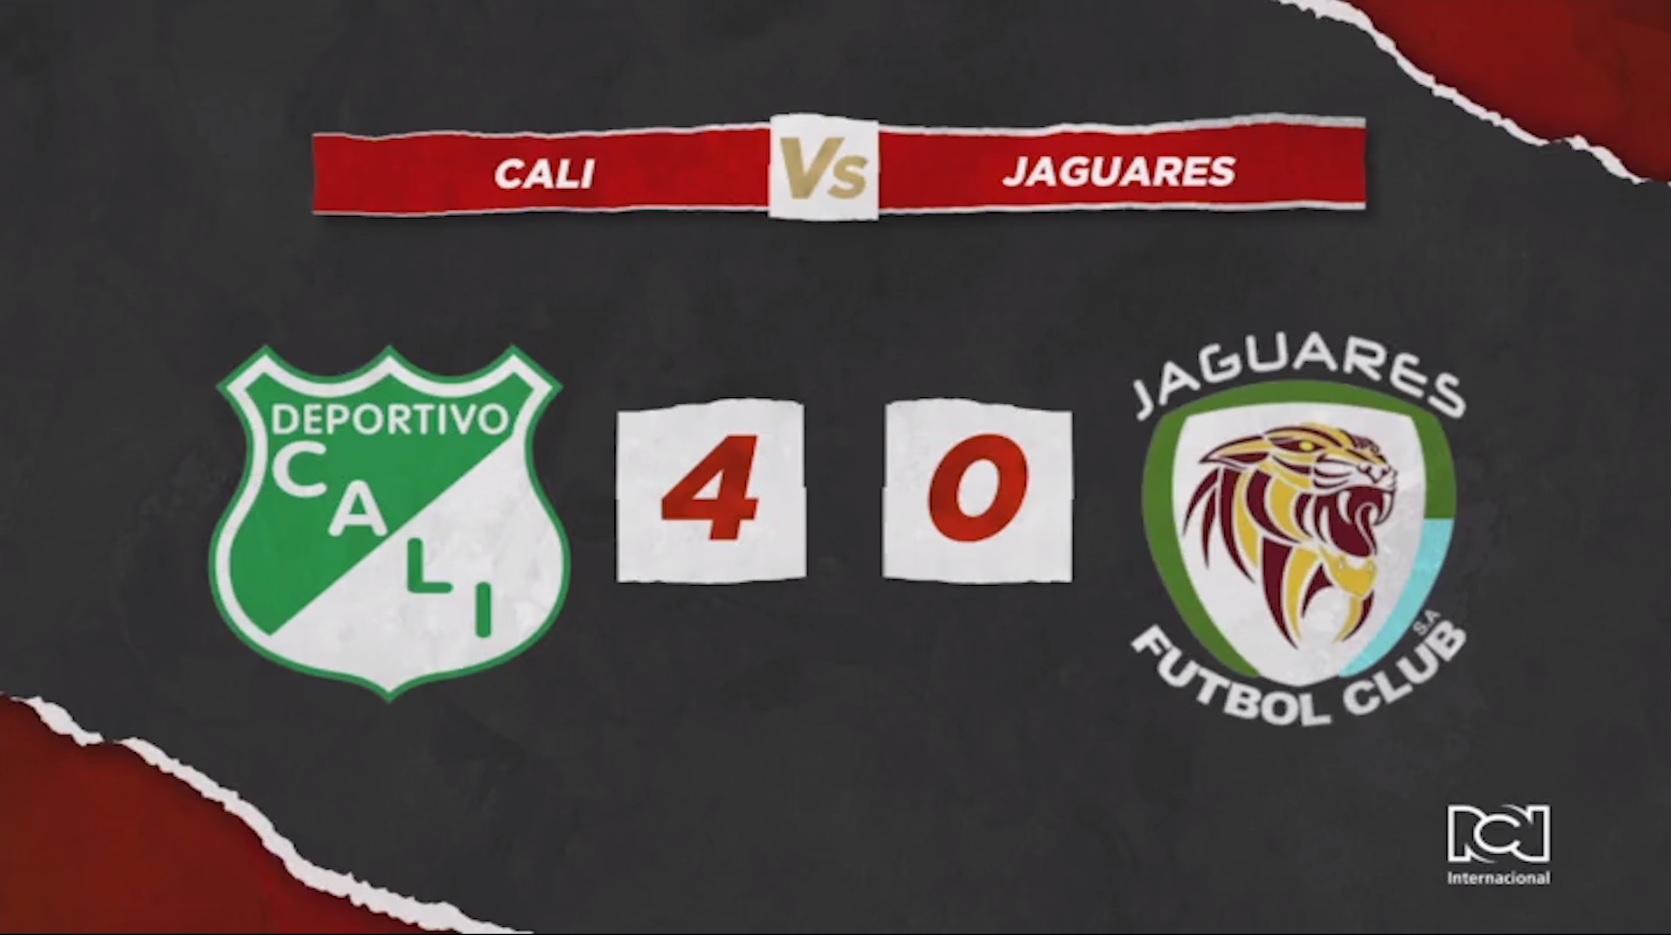 Deportivo Cali Vs Jaguares